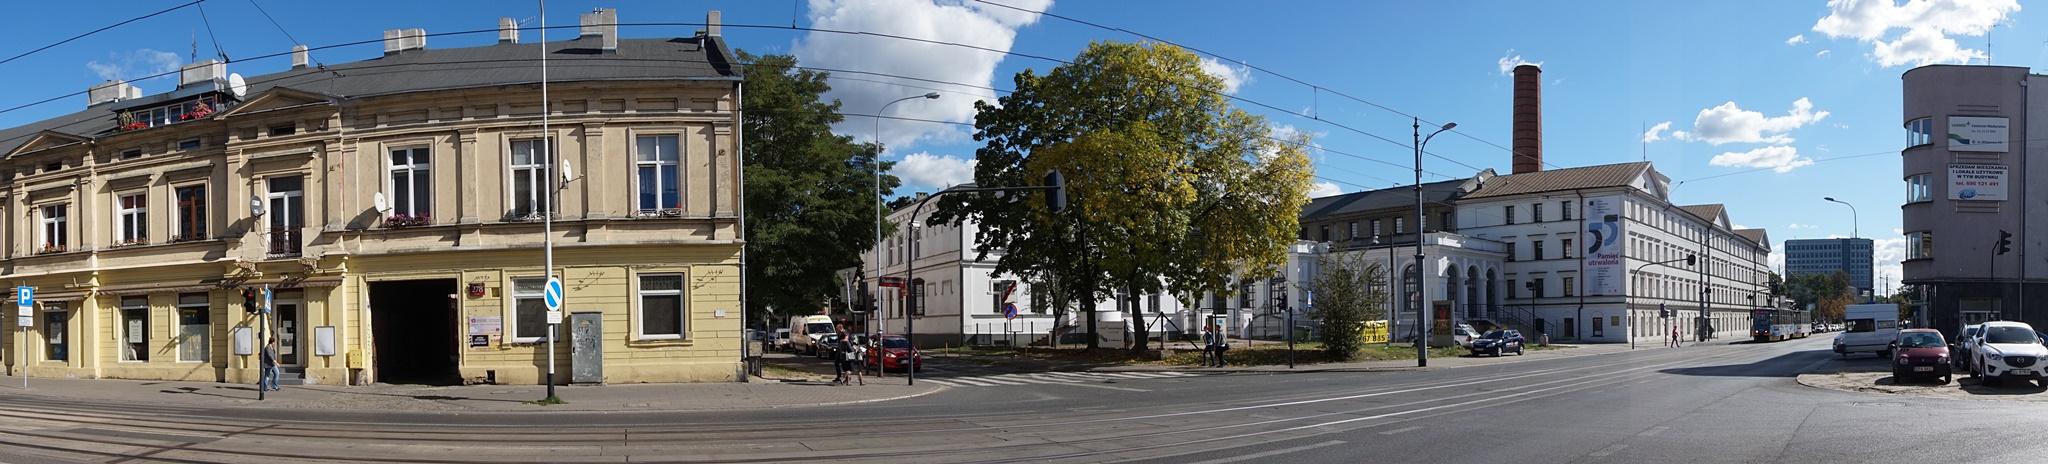 Piotrkowska - Biała Fabryka 2